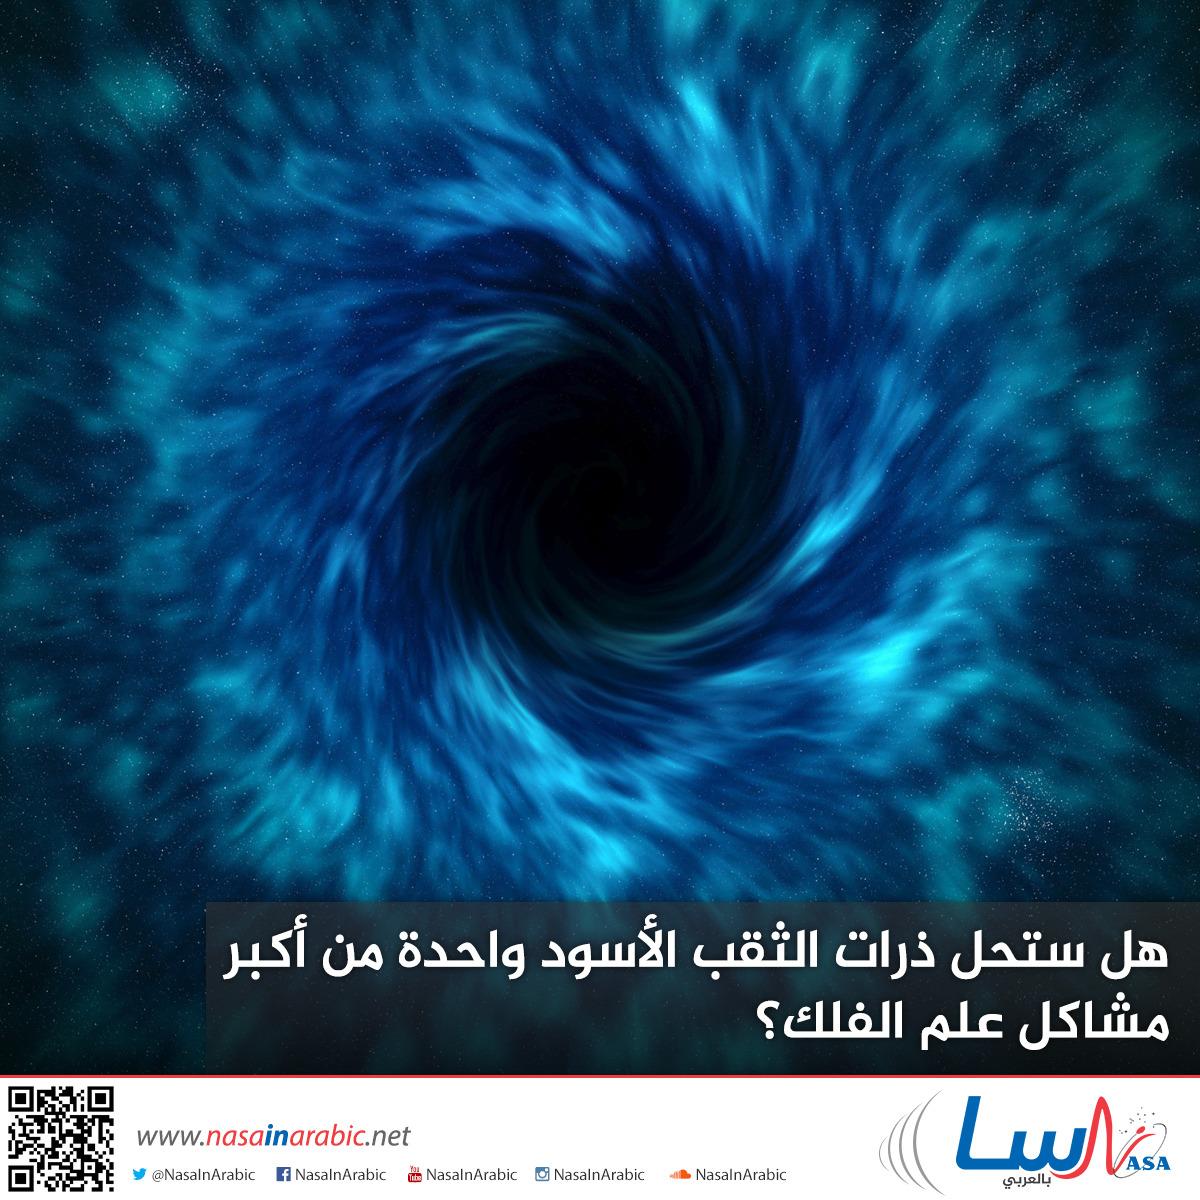 هل ستحل ذرات الثقب الأسود واحدة من أكبر مشاكل علم الفلك؟